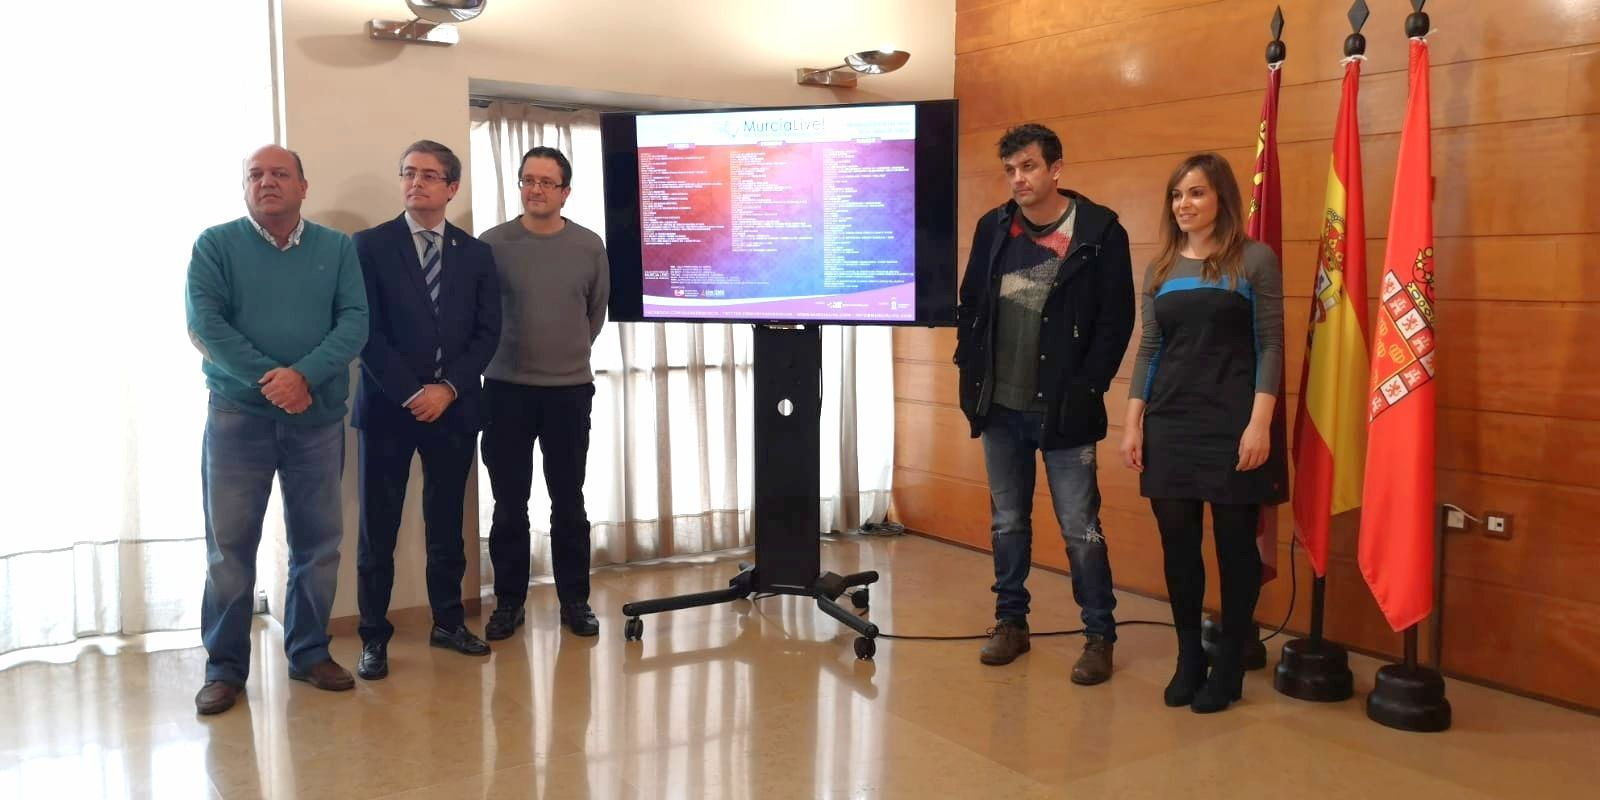 El Ayuntamiento de Murcia da visibilidad a las salas de conciertos